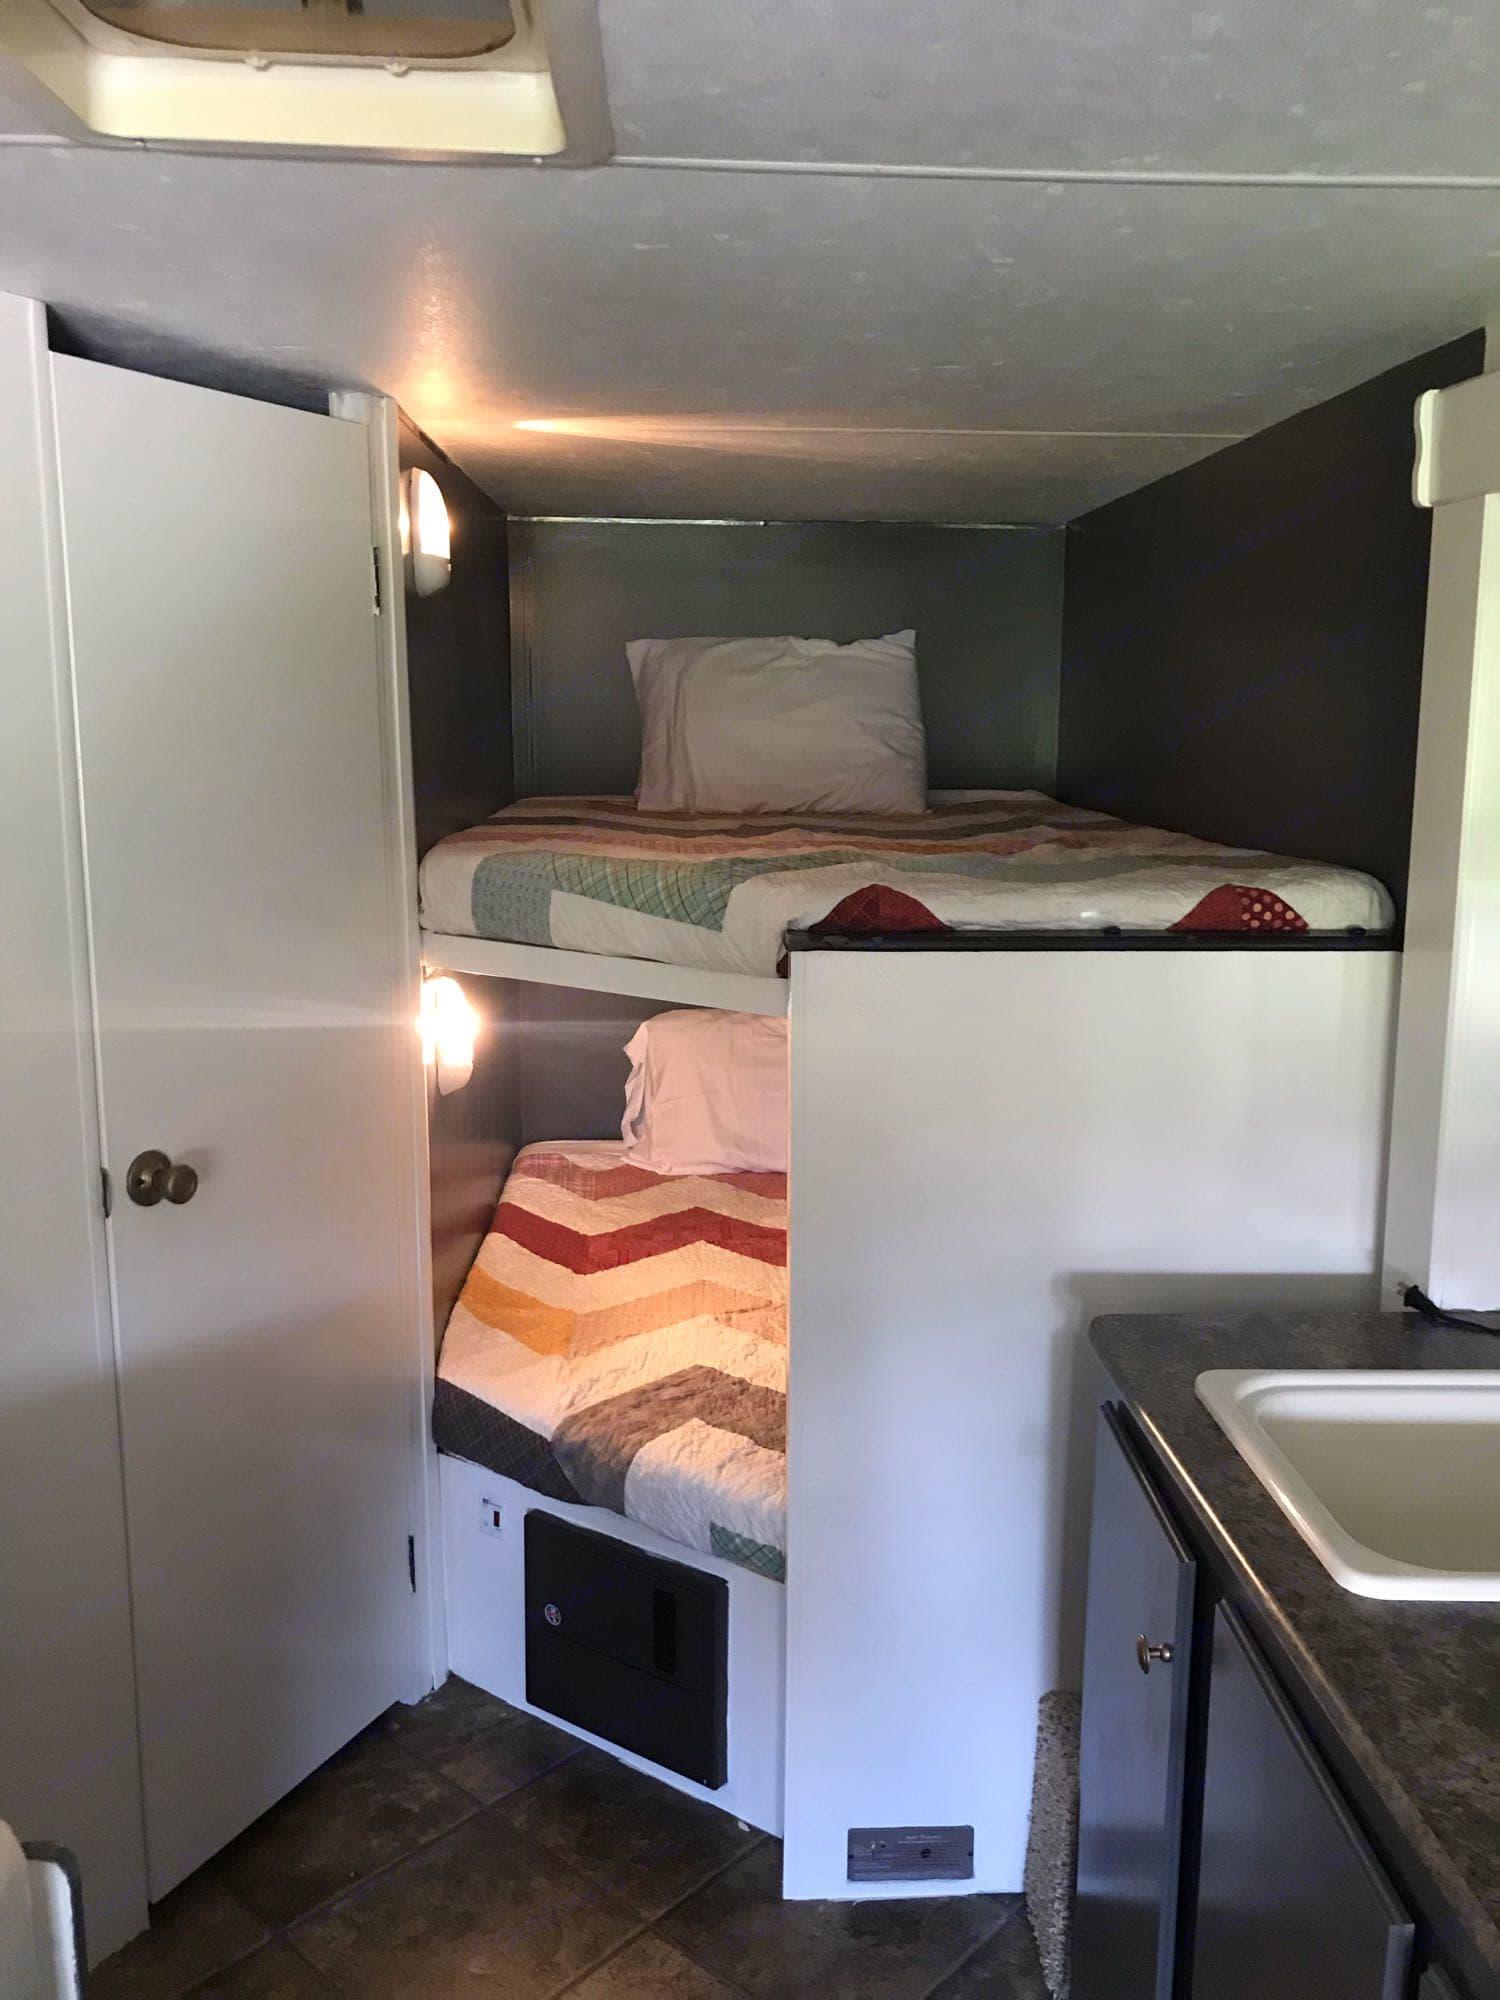 3/4 Full bunks. K-Z Manufacturing Spree 2013